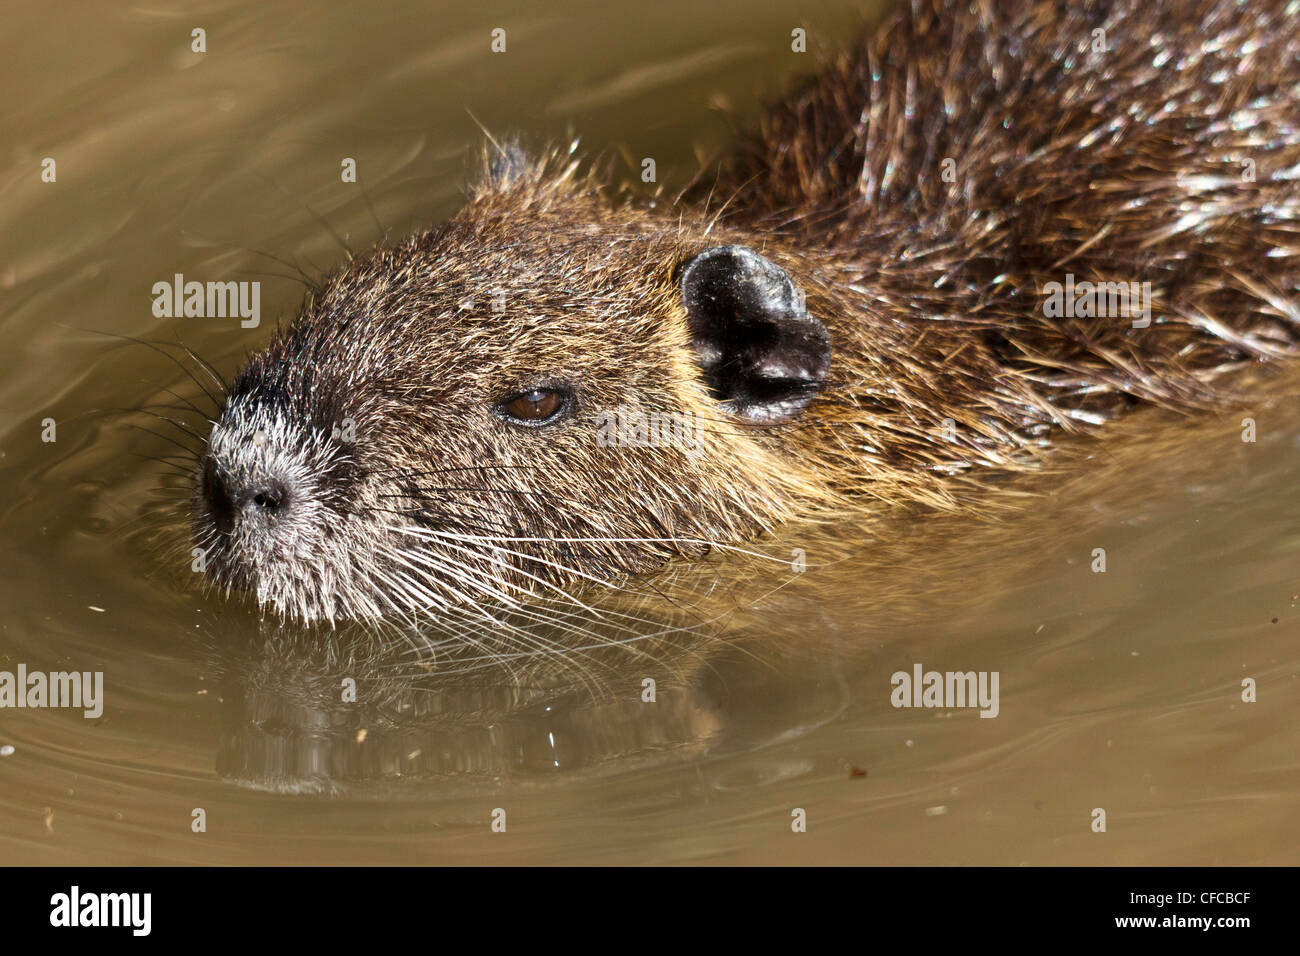 Coipo, Myocastor coypus, Myocastoridae, Plano, Texas, EE.UU., los animales herbívoros, den, especies invasoras, nutria, plagas, semi aquati Foto de stock